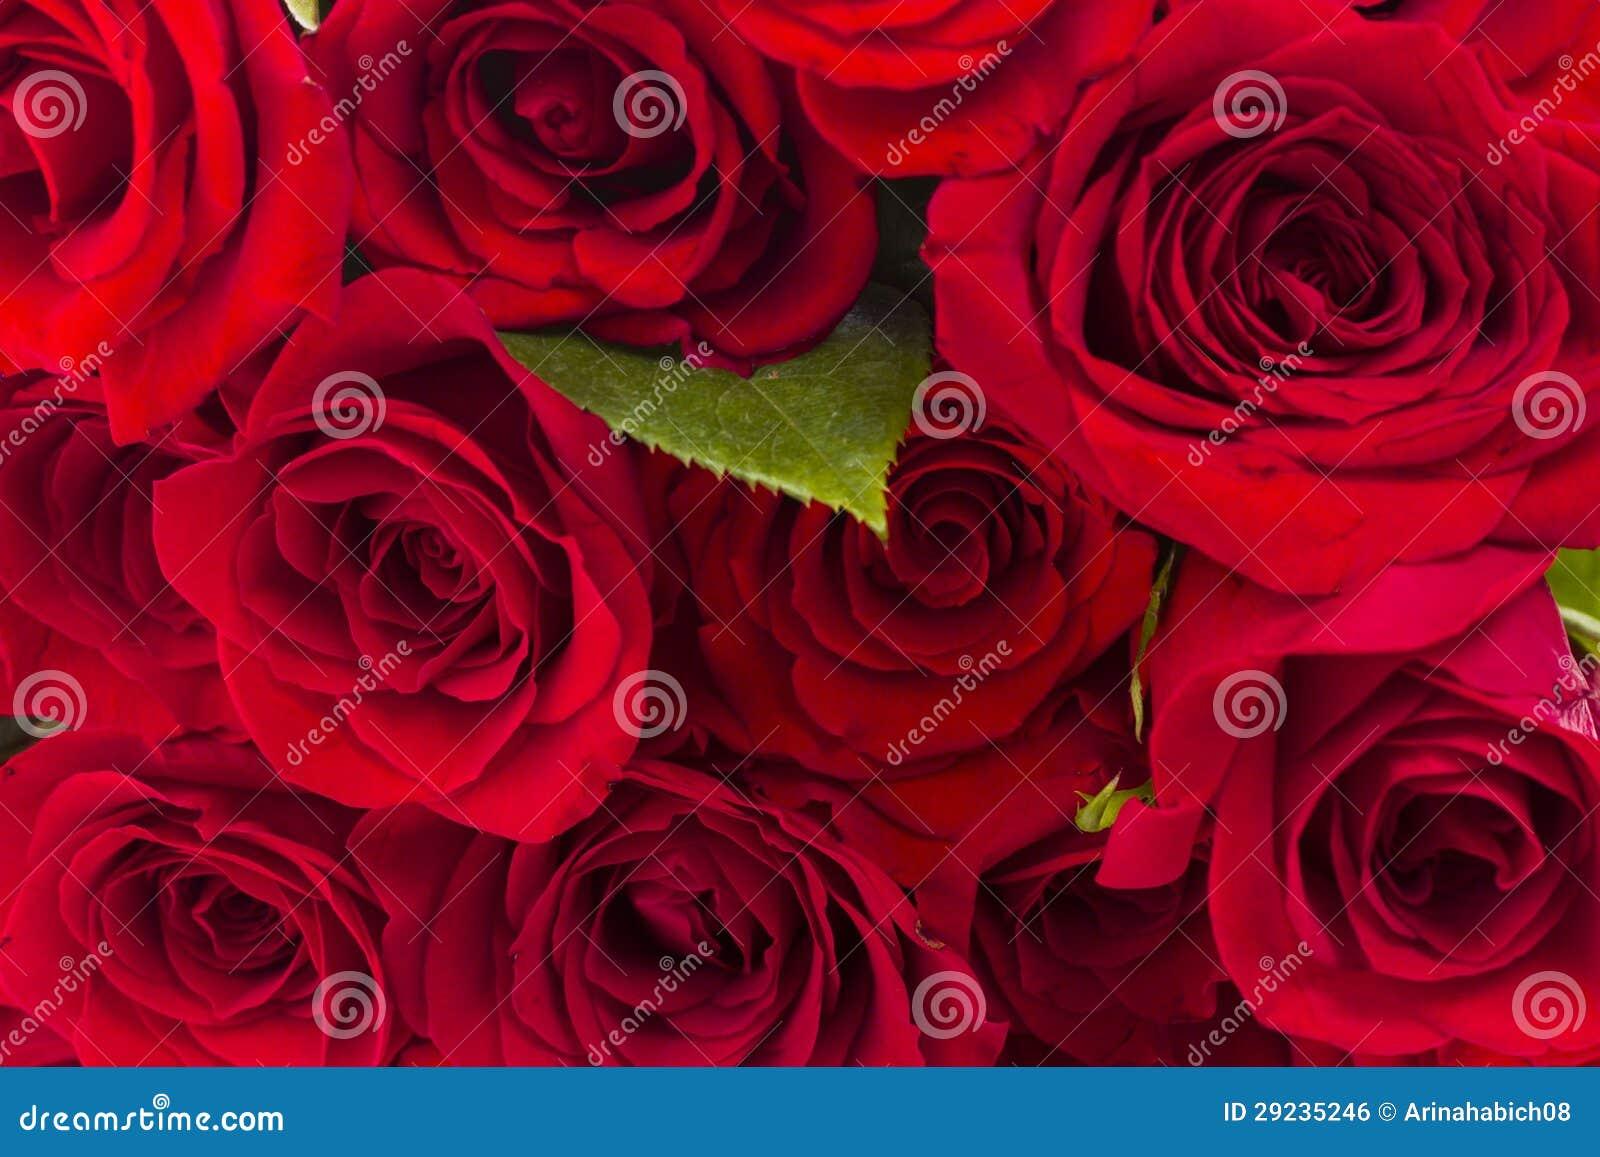 Download Rosas vermelhas foto de stock. Imagem de perennial, genus - 29235246